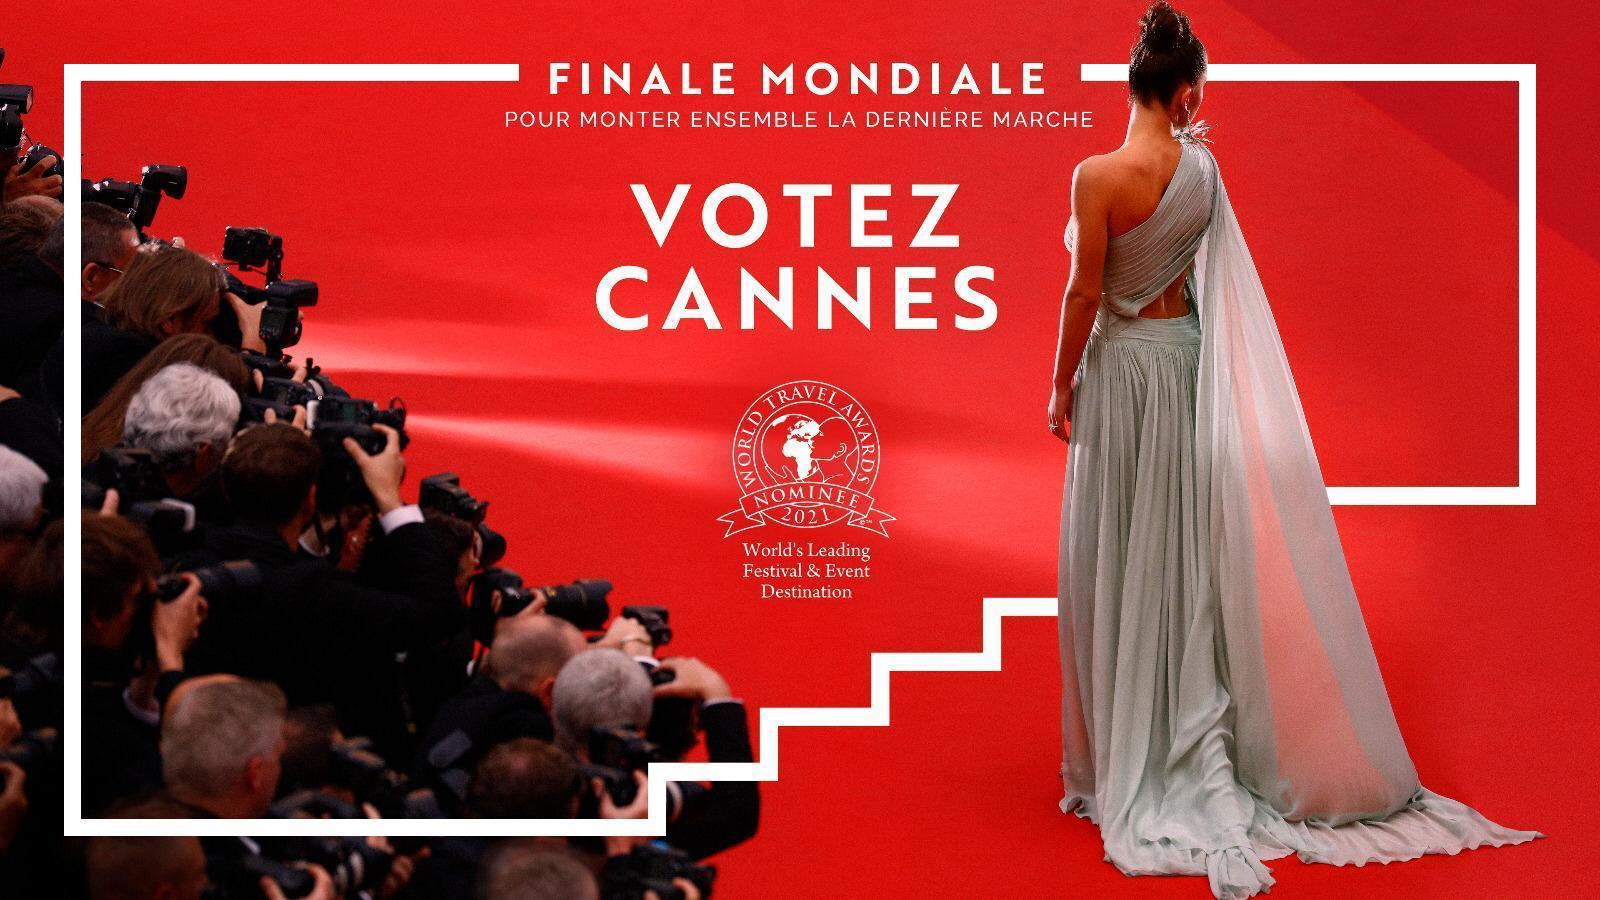 Votez pour Cannes, en tant que première destination mondiale de festivals et d'événements 2021